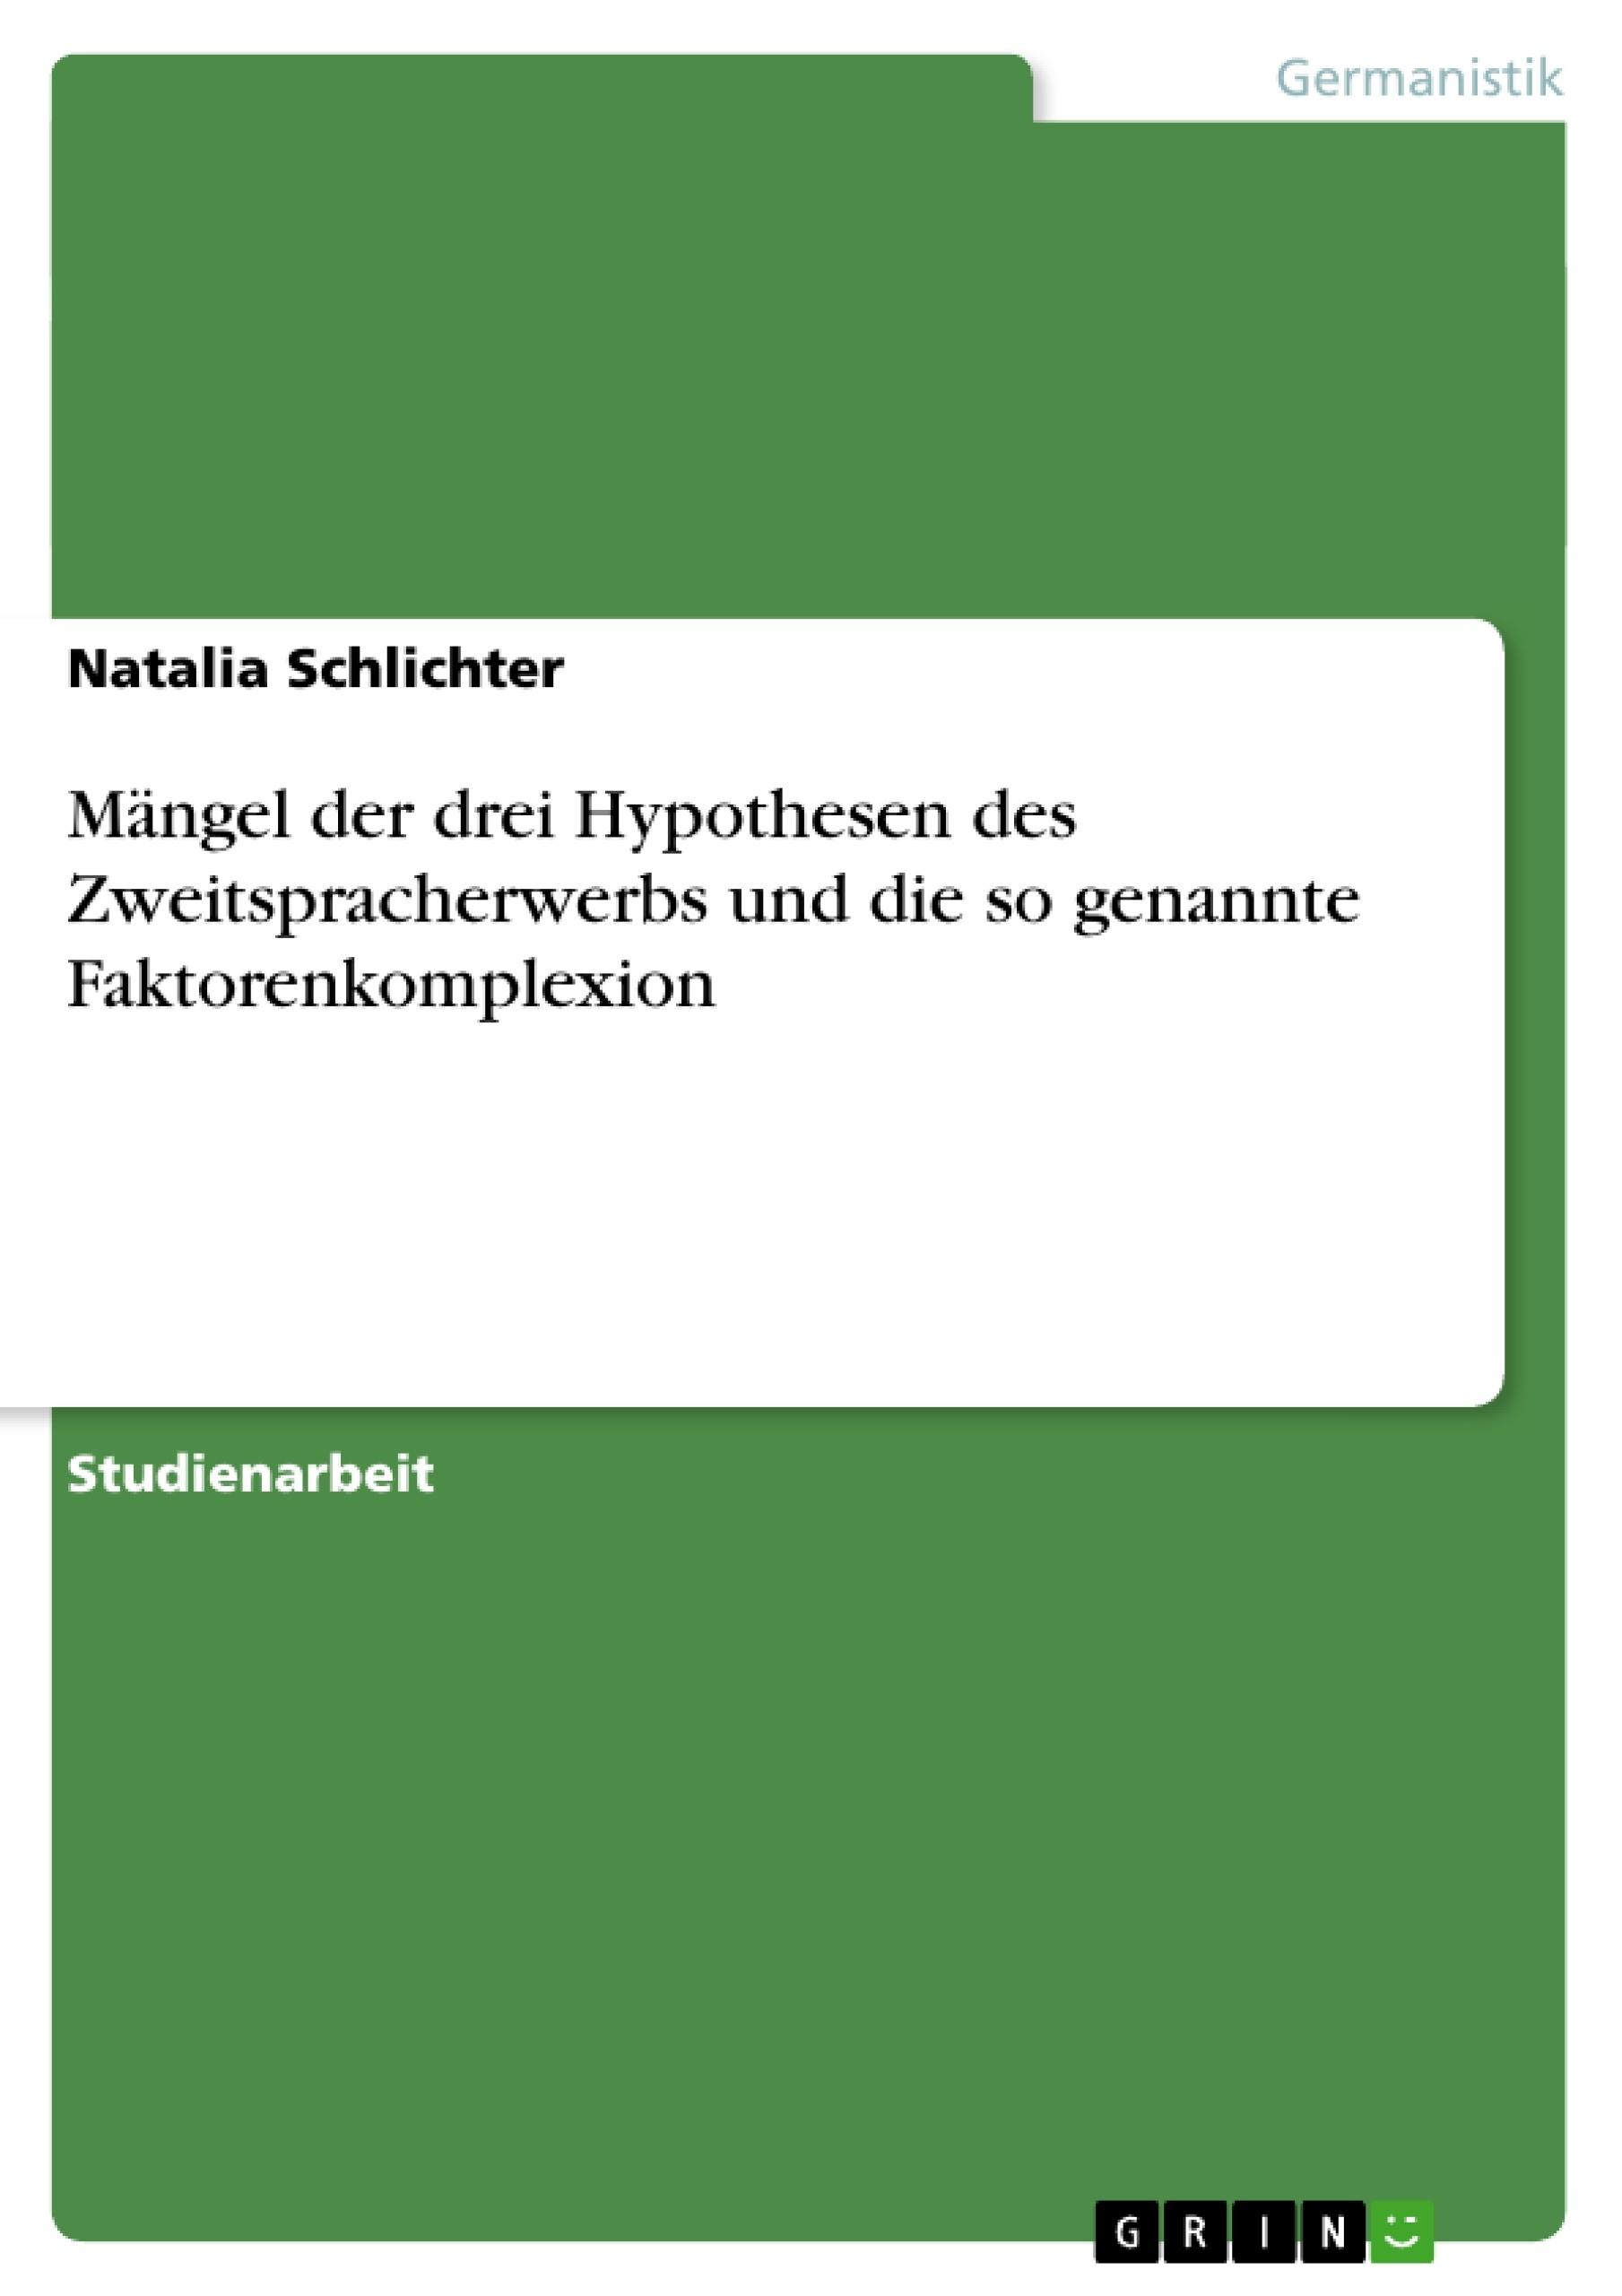 Titel: Mängel der drei Hypothesen des Zweitspracherwerbs und die so genannte Faktorenkomplexion